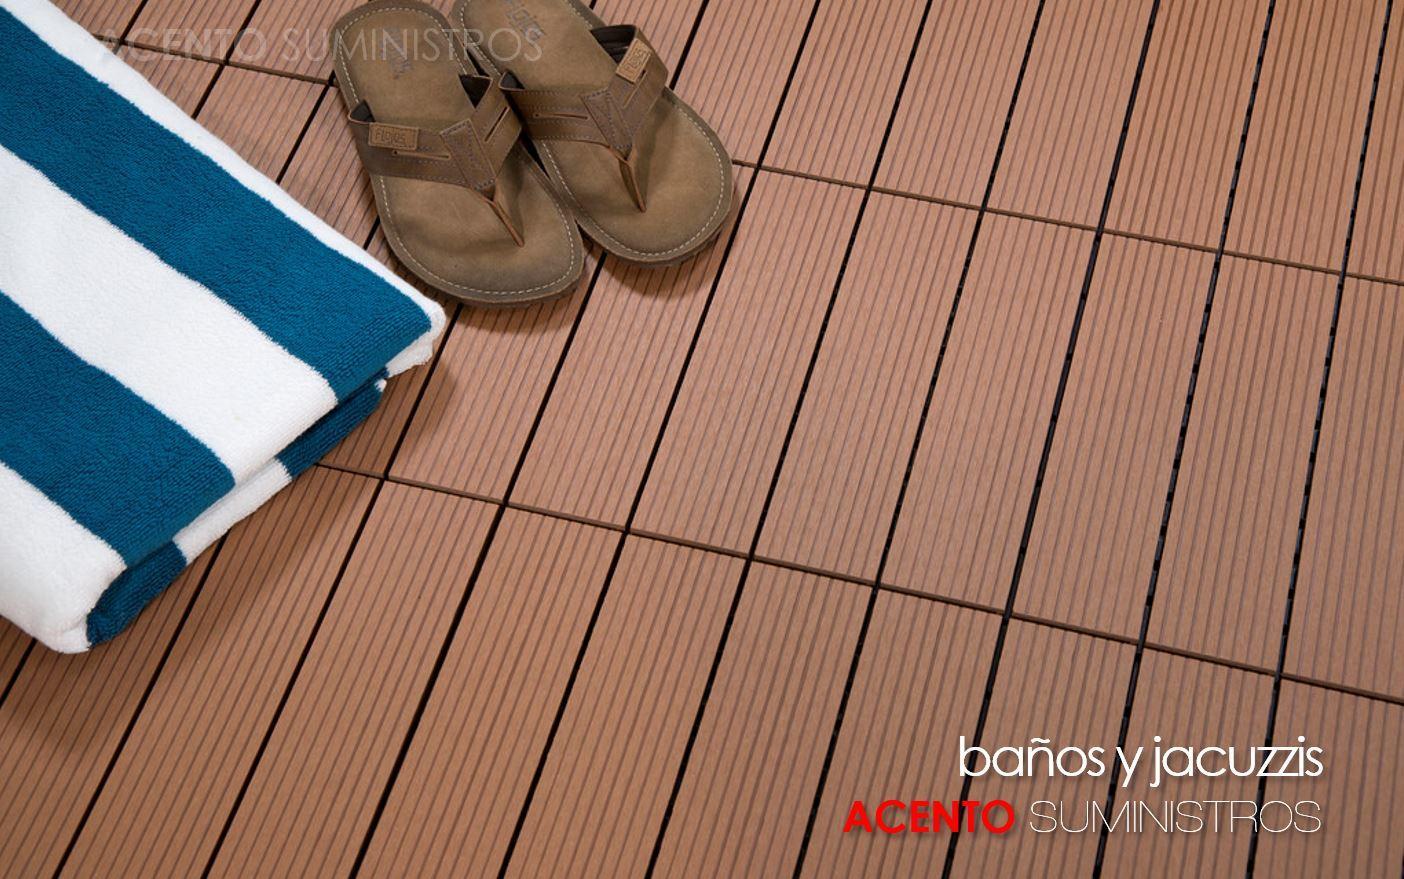 Piso deck tableta madera wpc sintética baños y jacuzzis exteriores